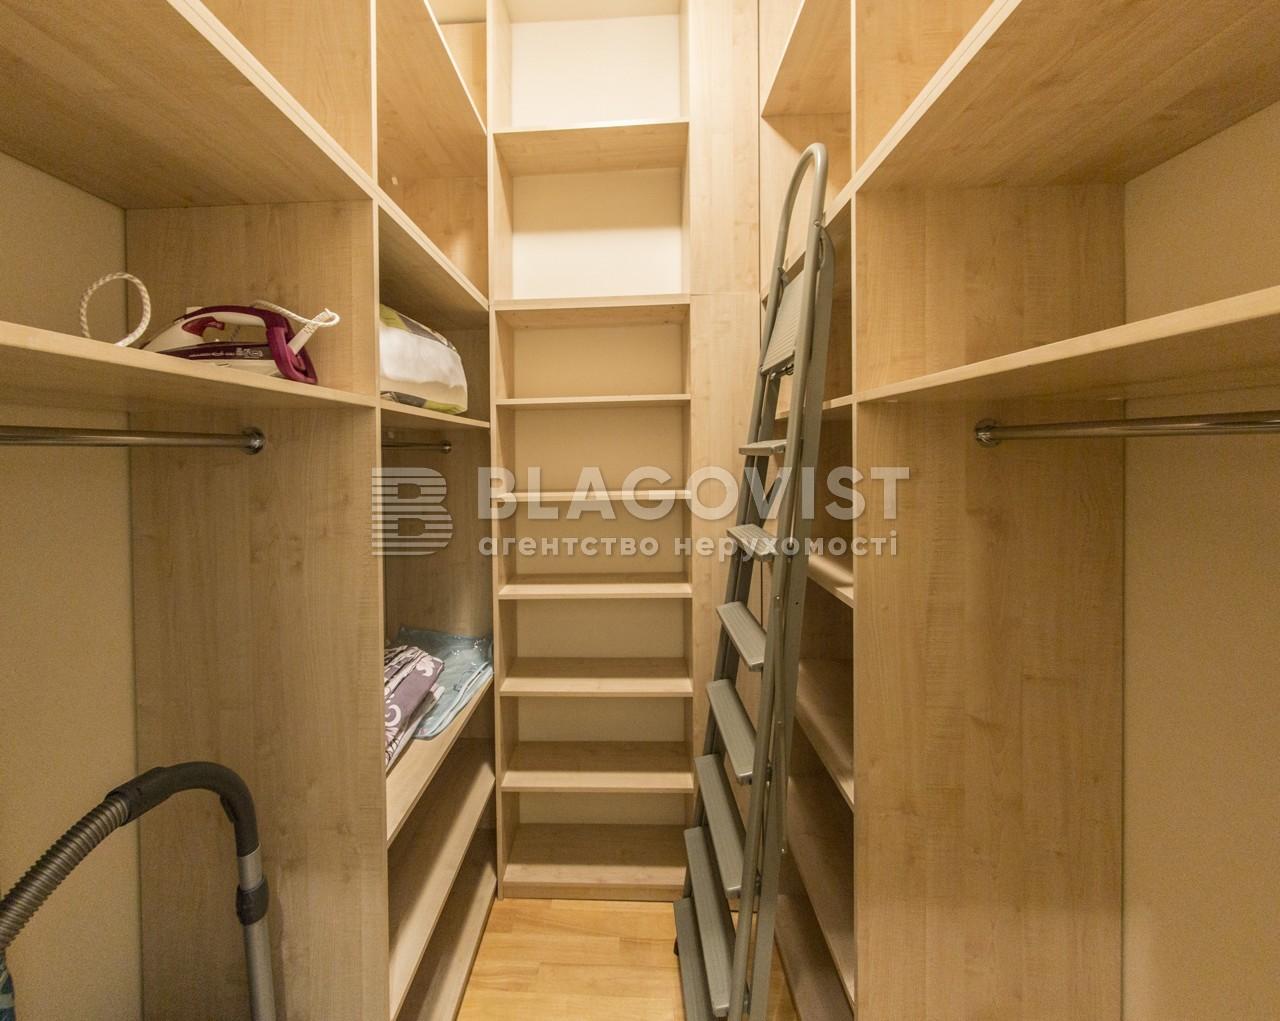 Квартира F-24642, Большая Васильковская, 46, Киев - Фото 34